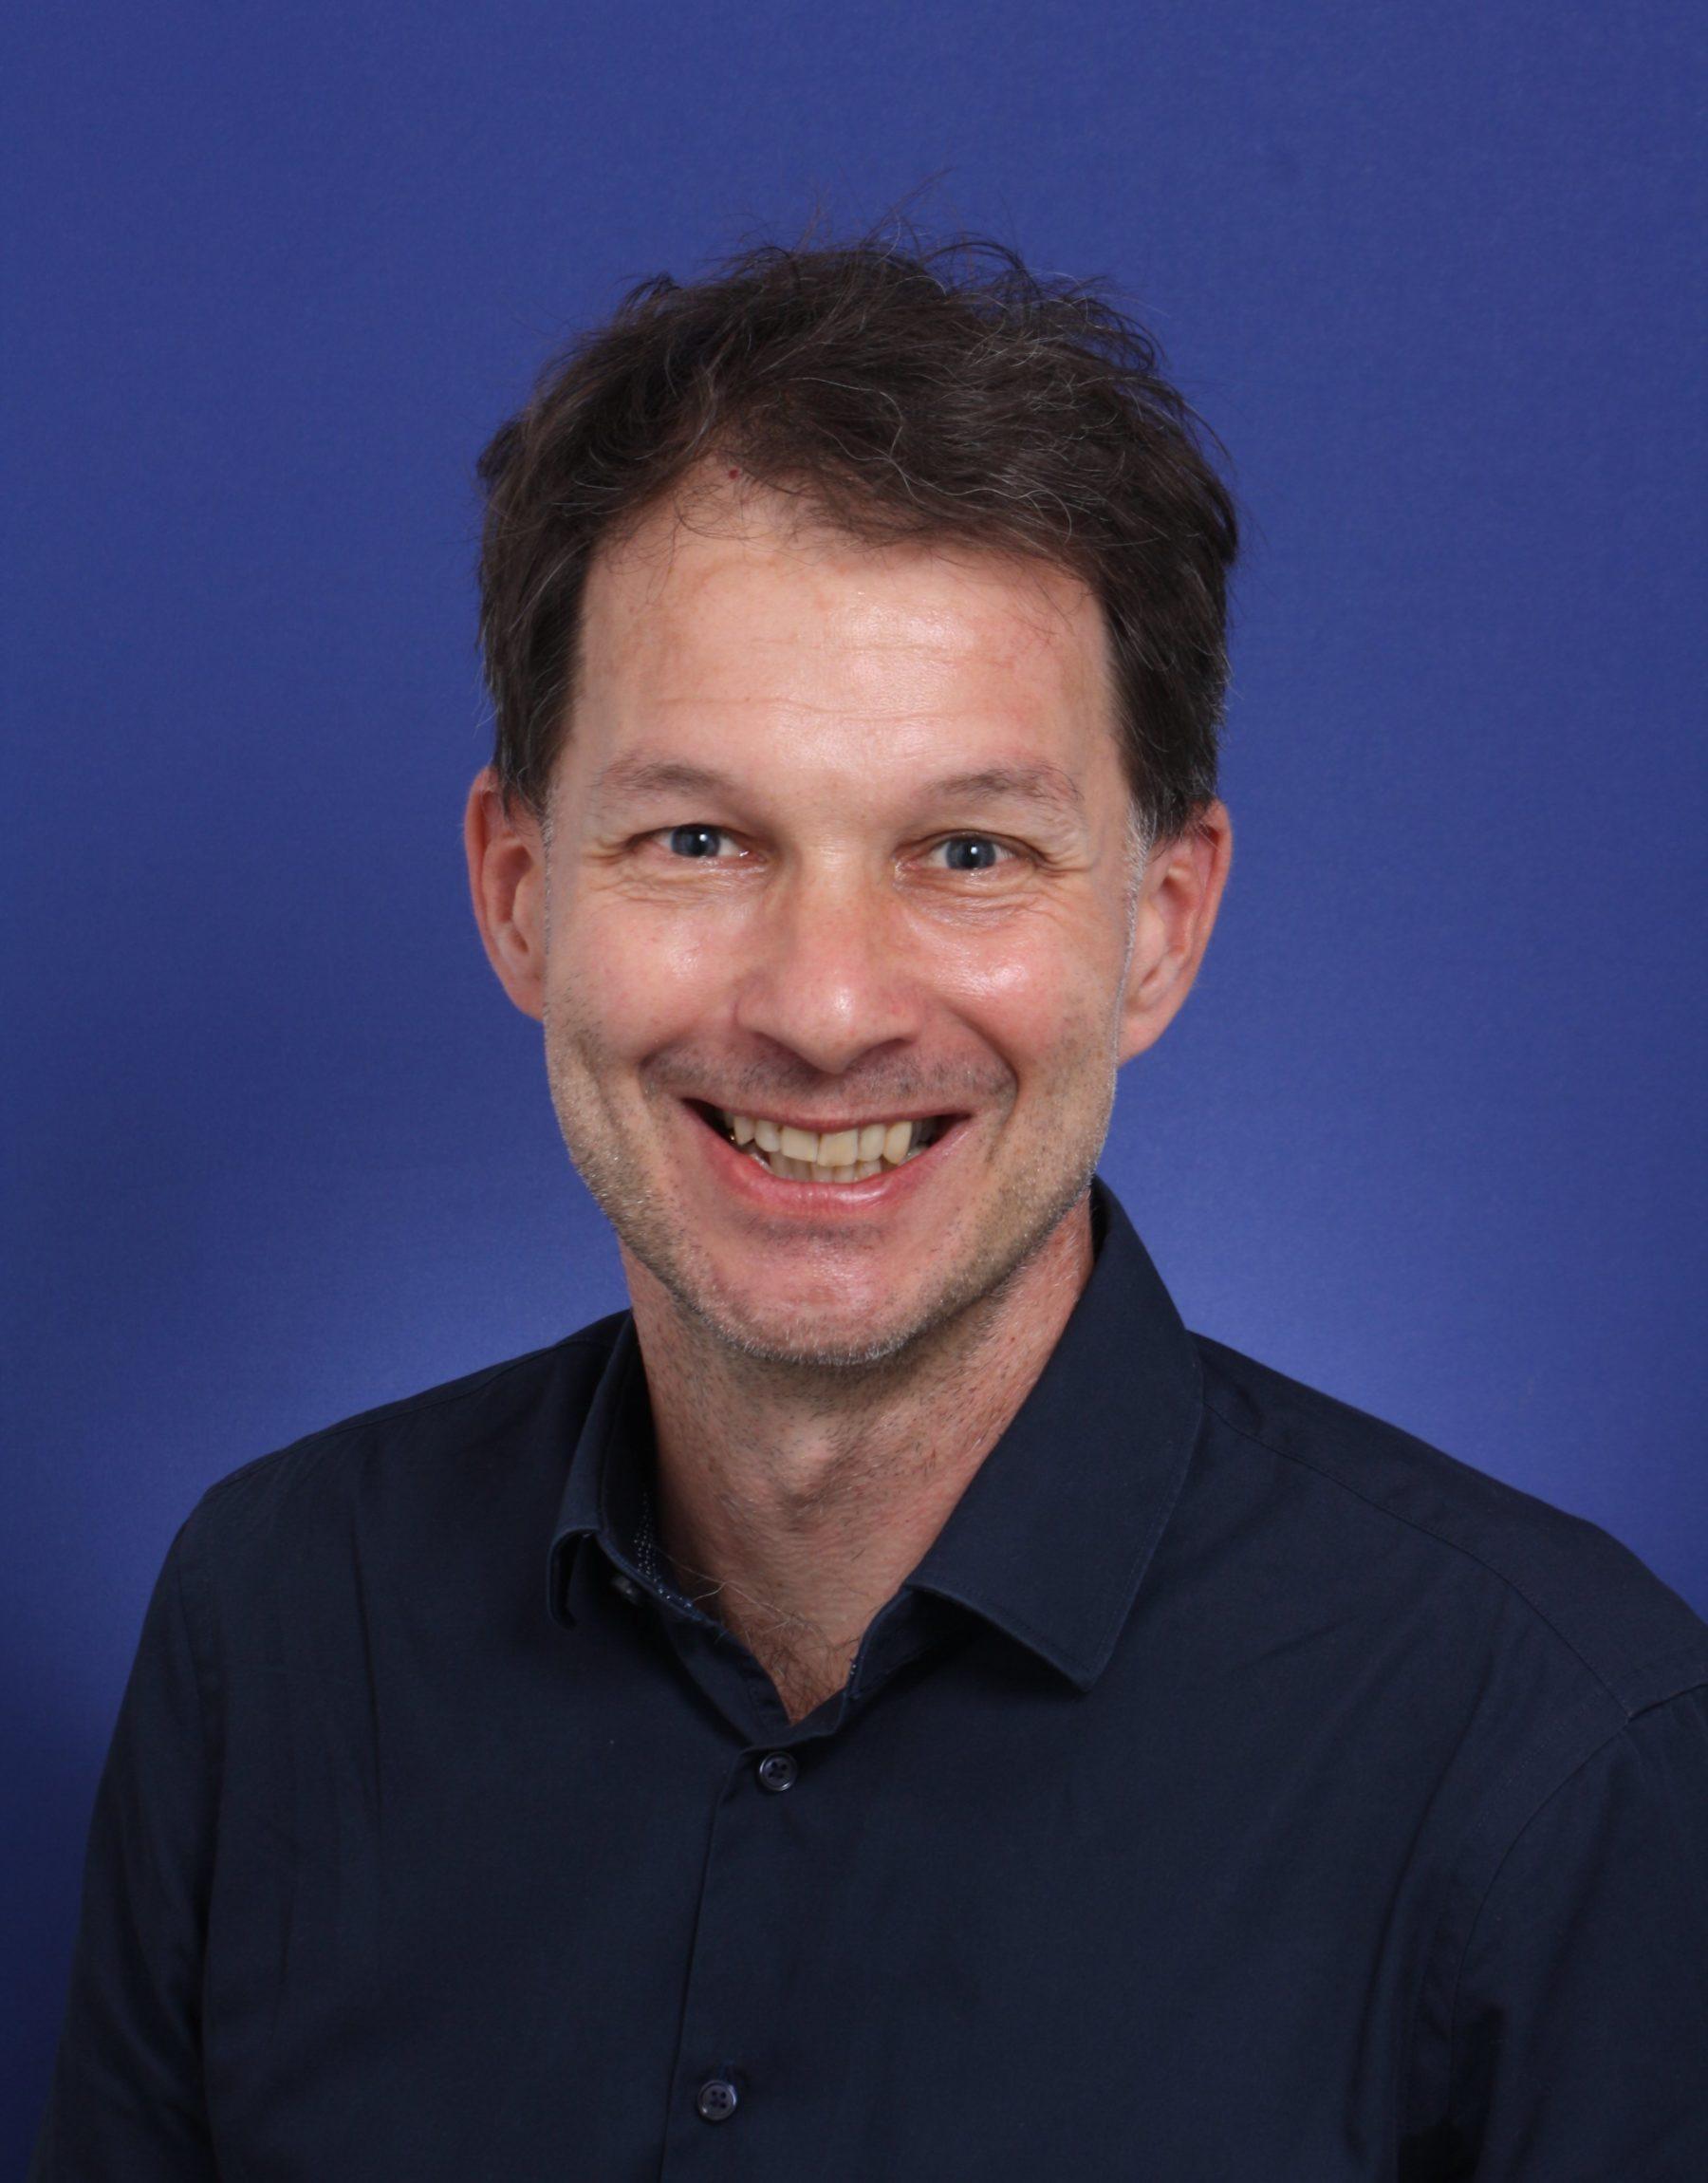 Rainer Kohlschreiber